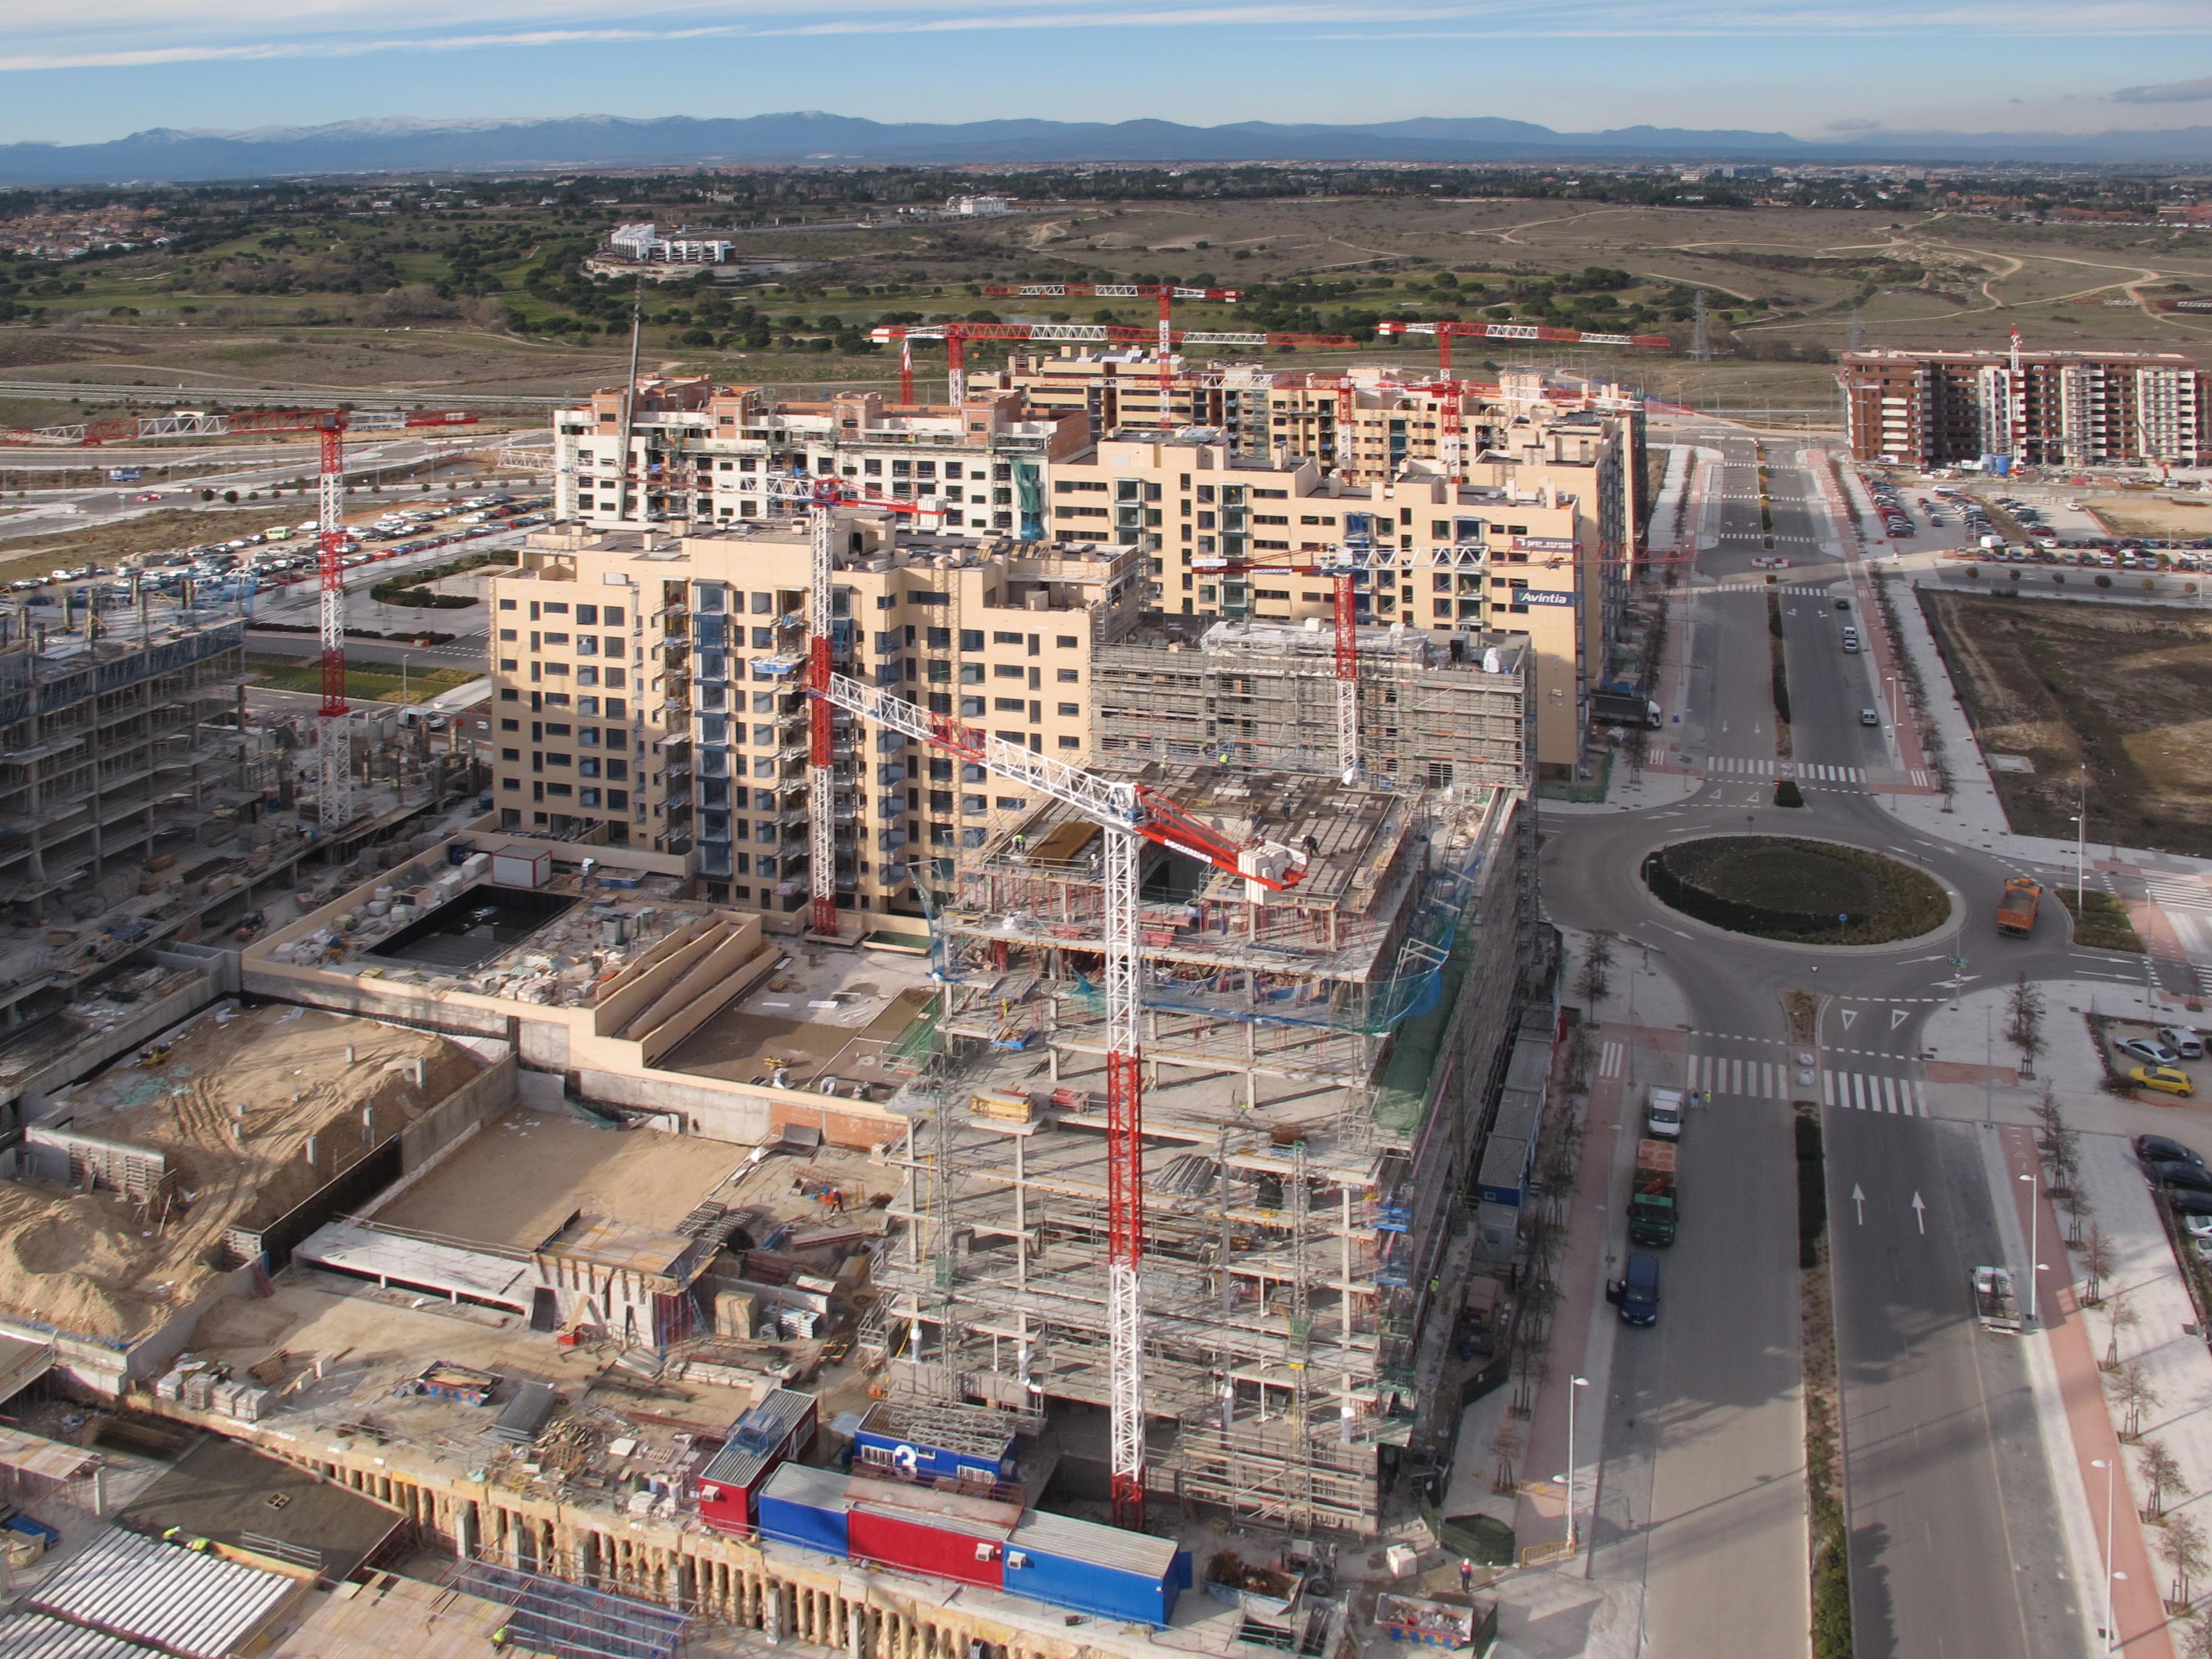 vista aérea de parte del pau de valdebebas